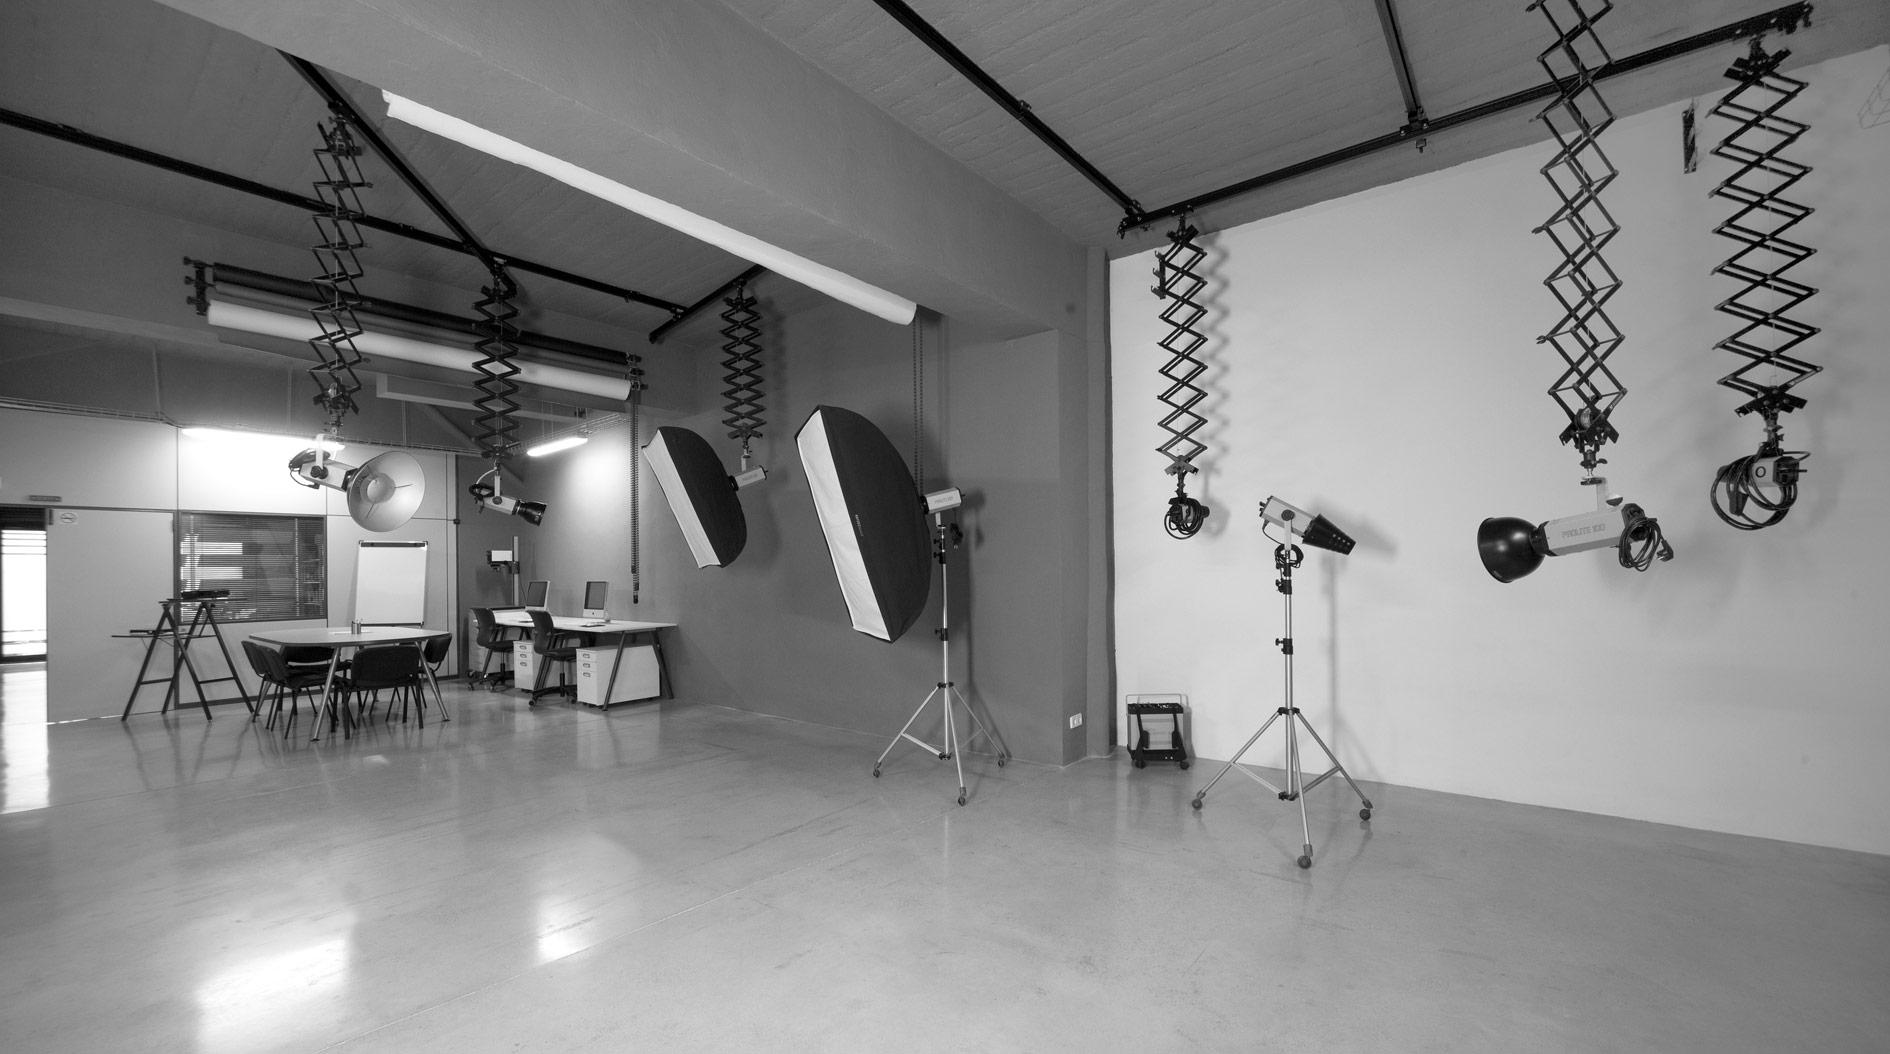 estudio-fotografico-aditiva-palma-mallorca